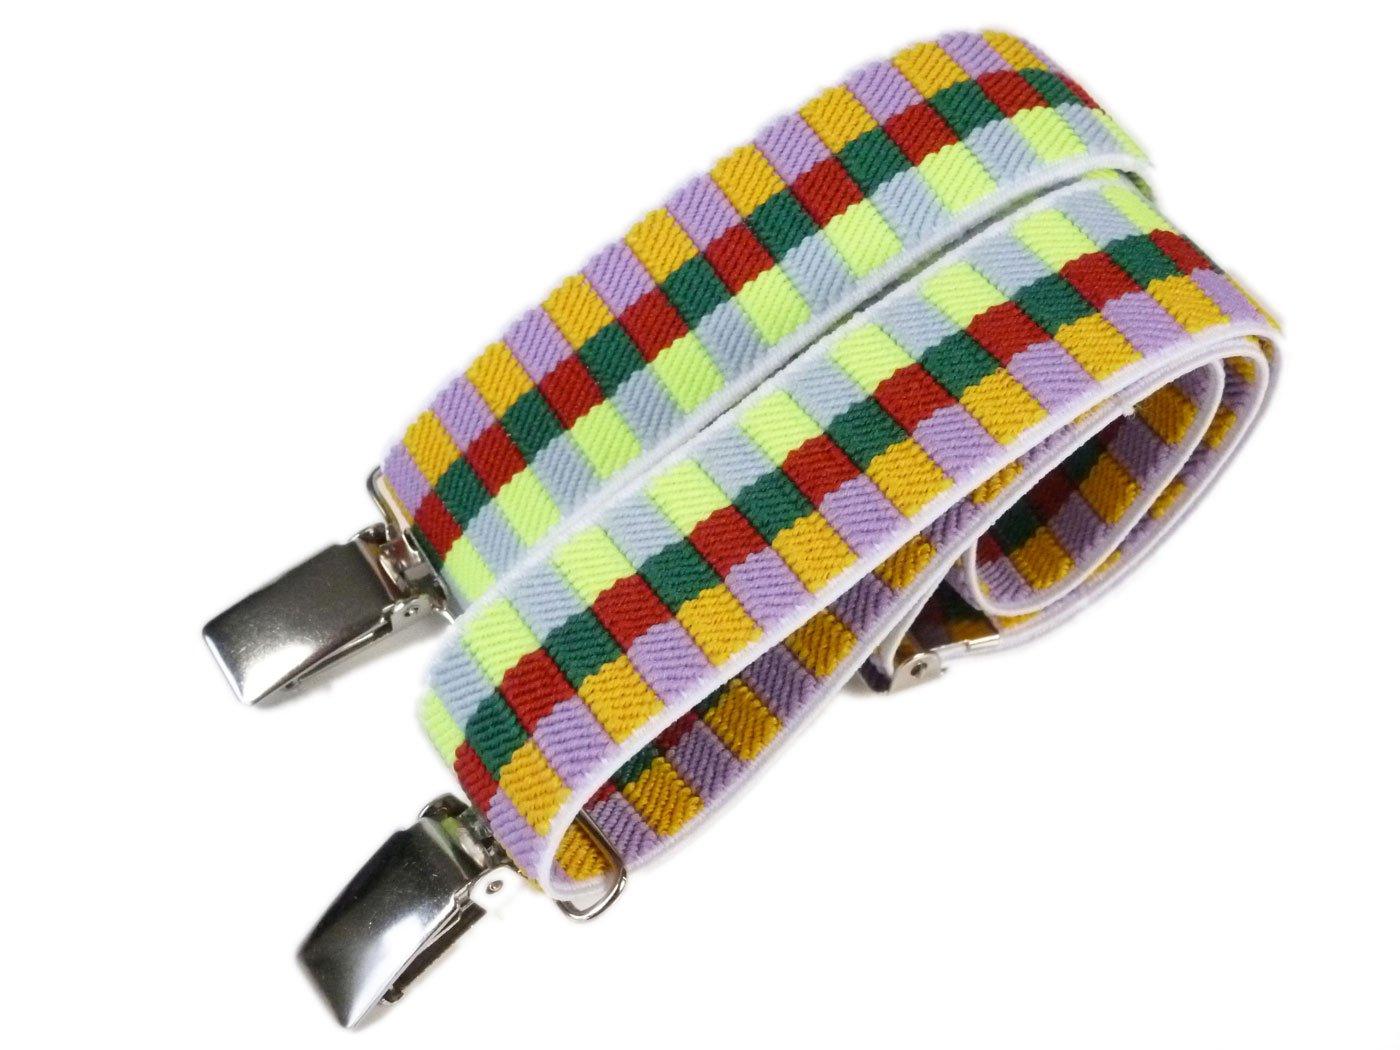 Childrens 1-5 Years fully adjustable Elasticated Clip on Braces/Suspenders KIDSBRACES37